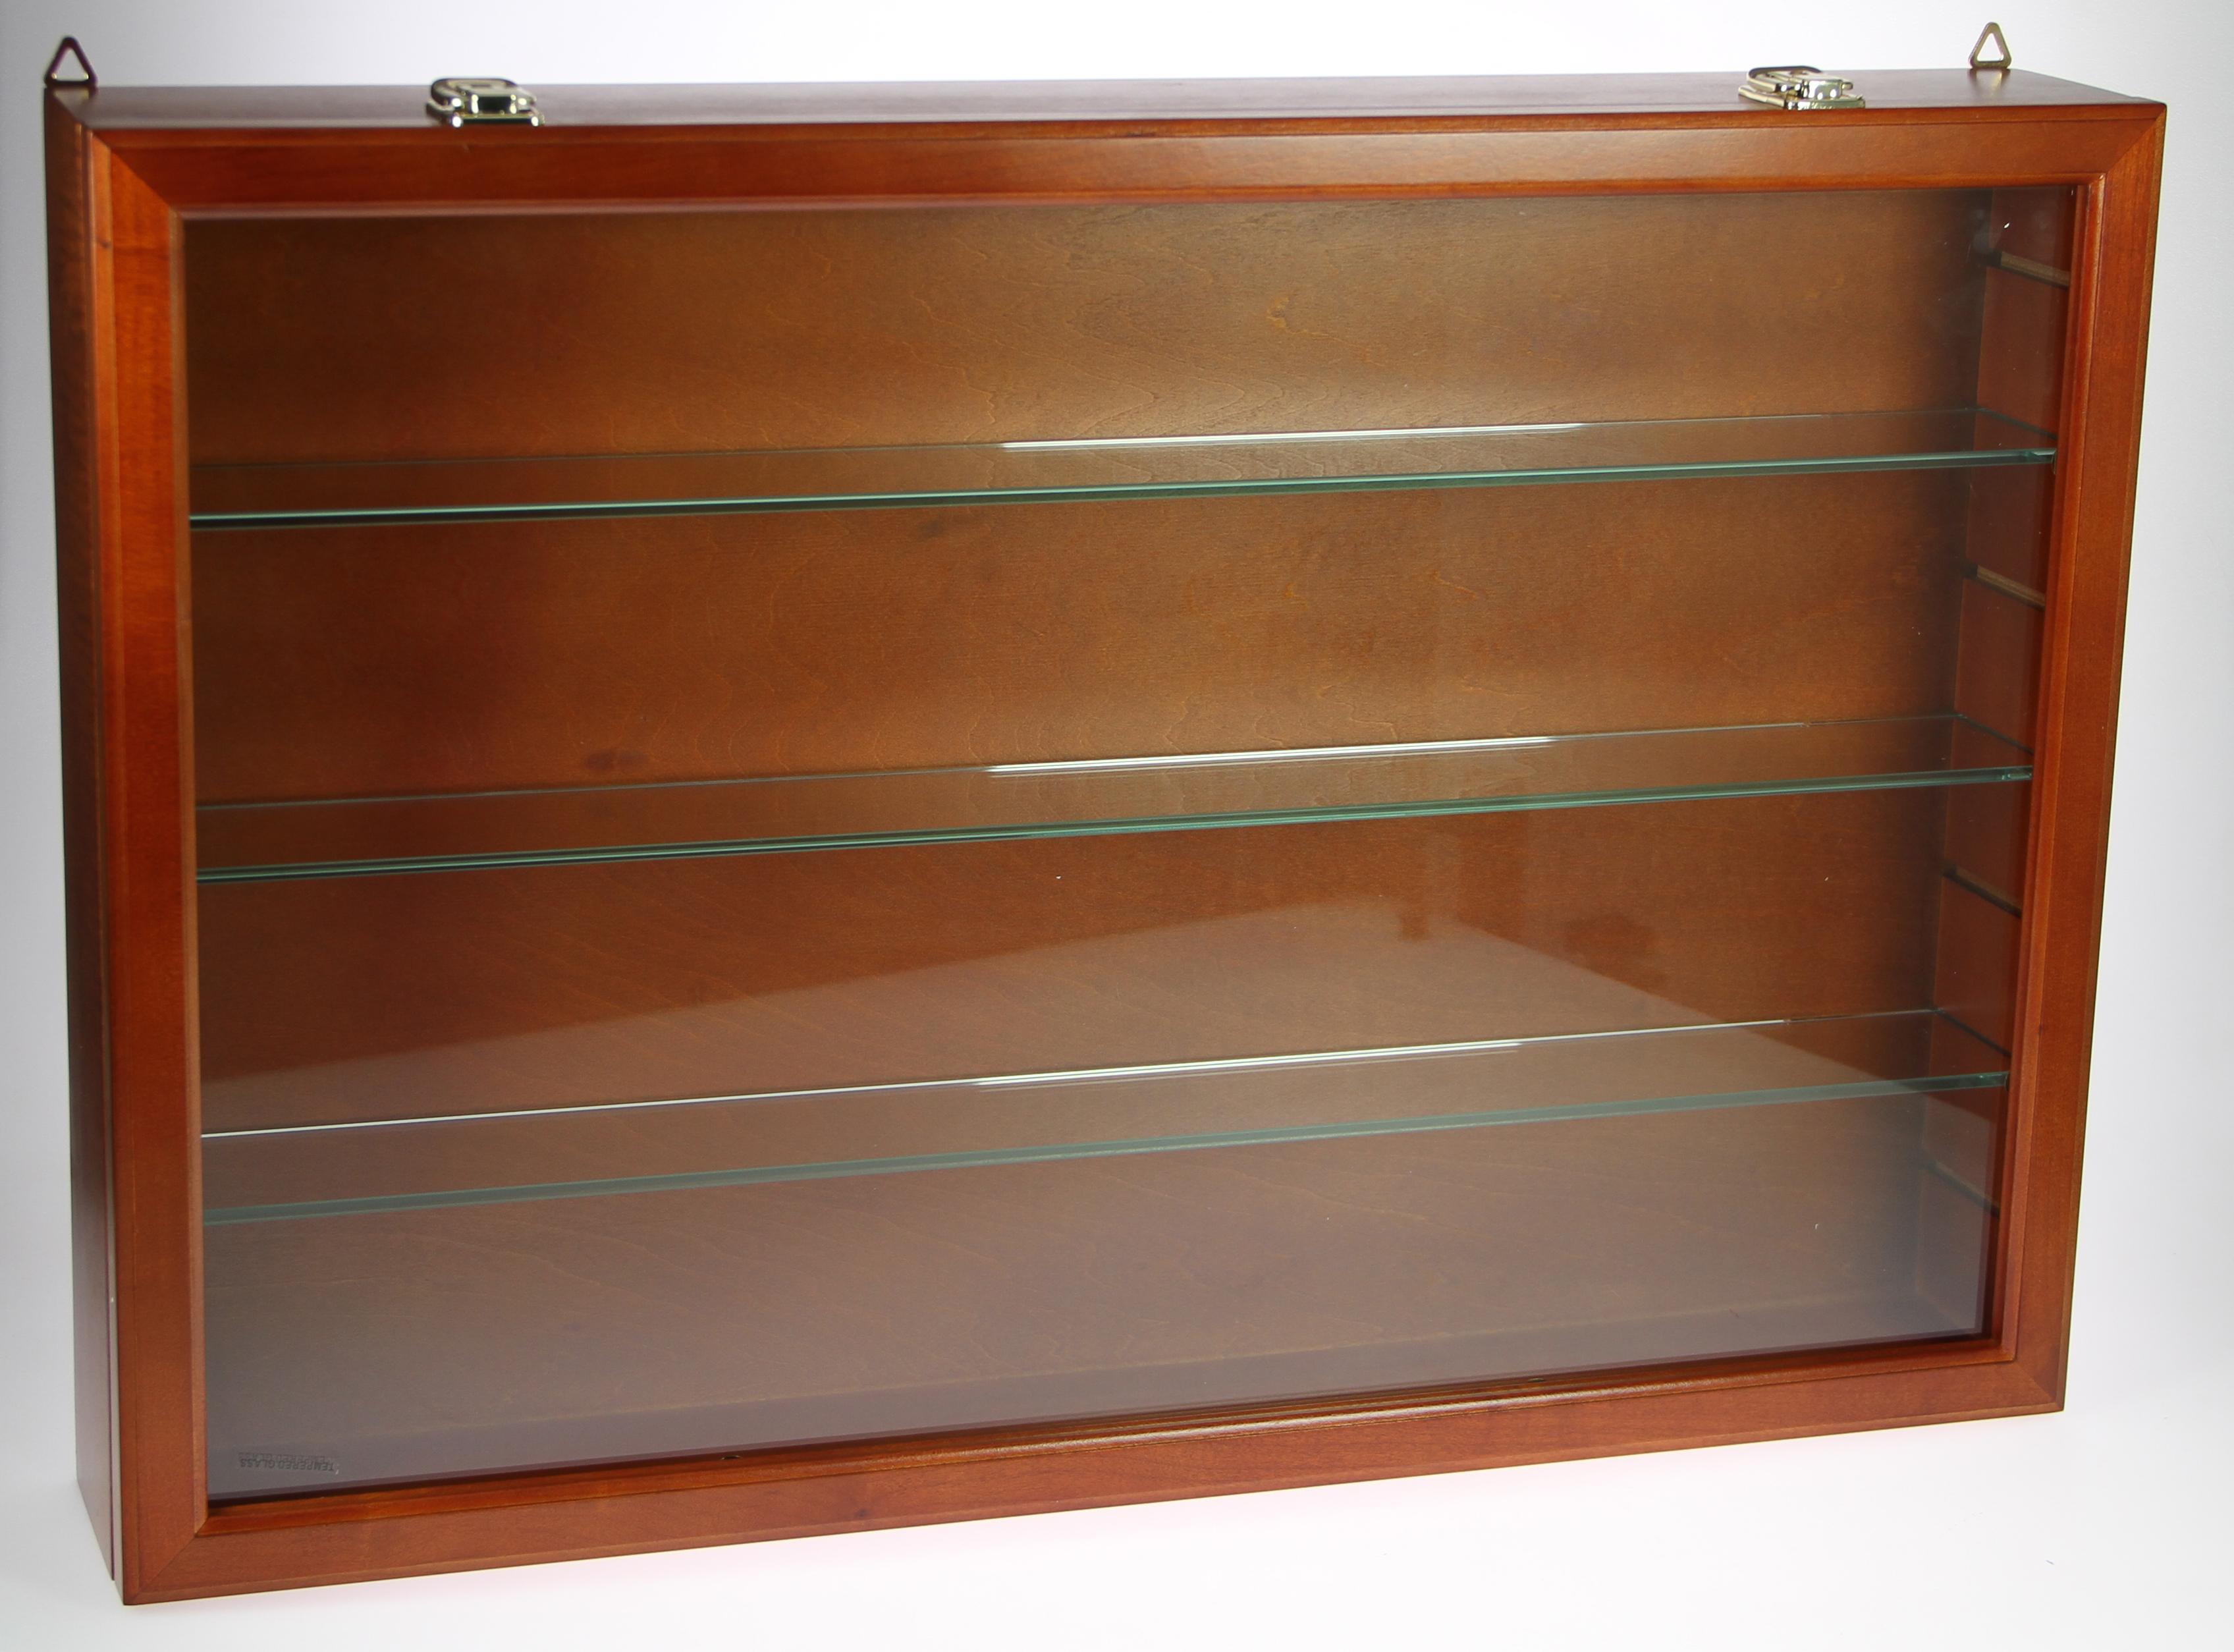 Holz-Sammelvitrine mit 3 Glasböden Nr. 91470